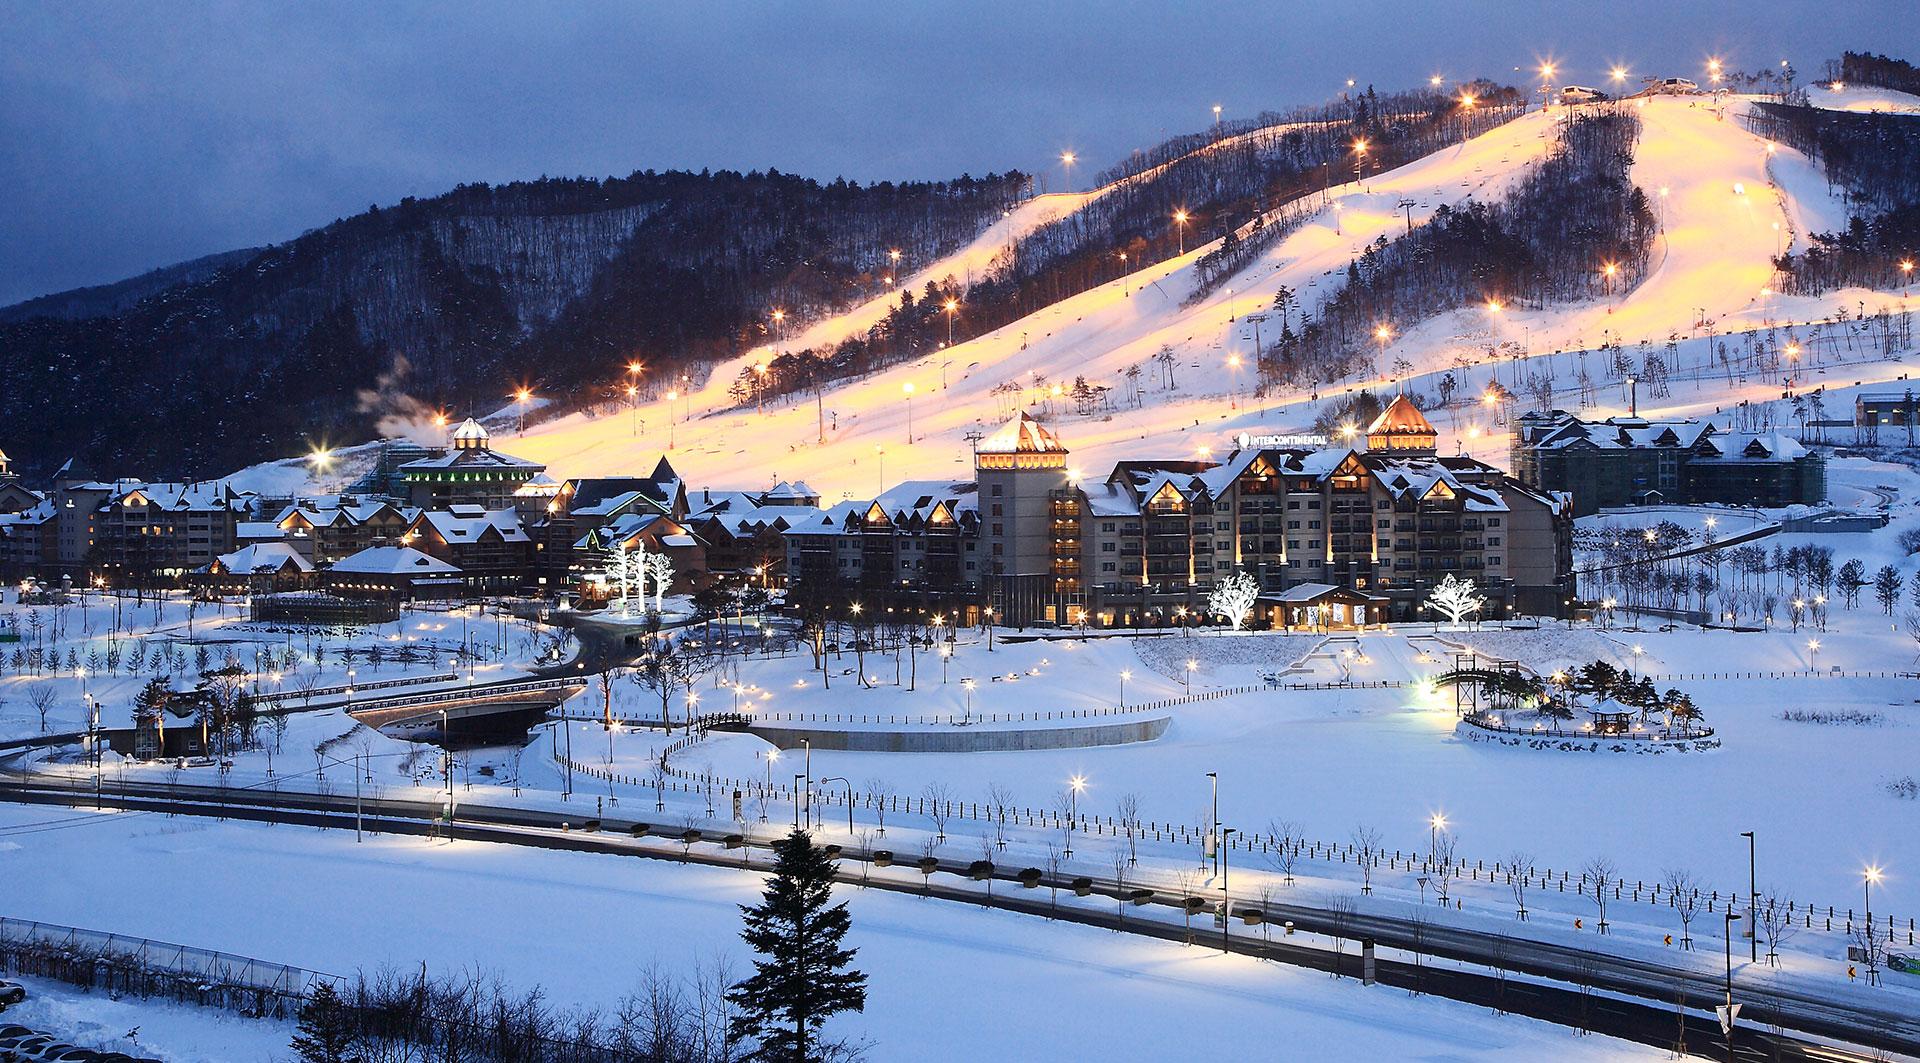 winter games 2018 venues